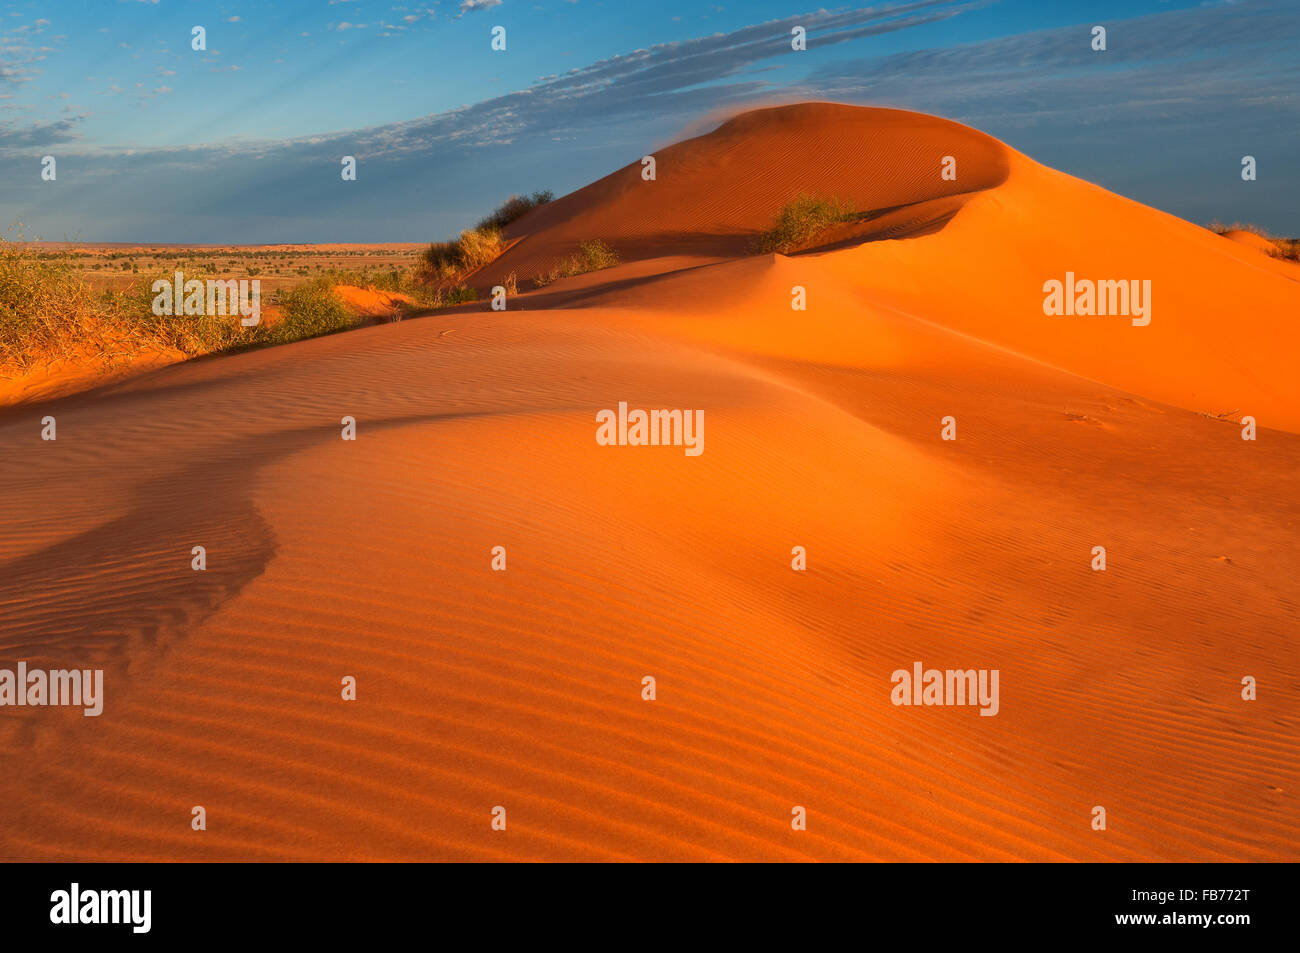 Roten Sanddüne in Simpson Wüste. Stockbild